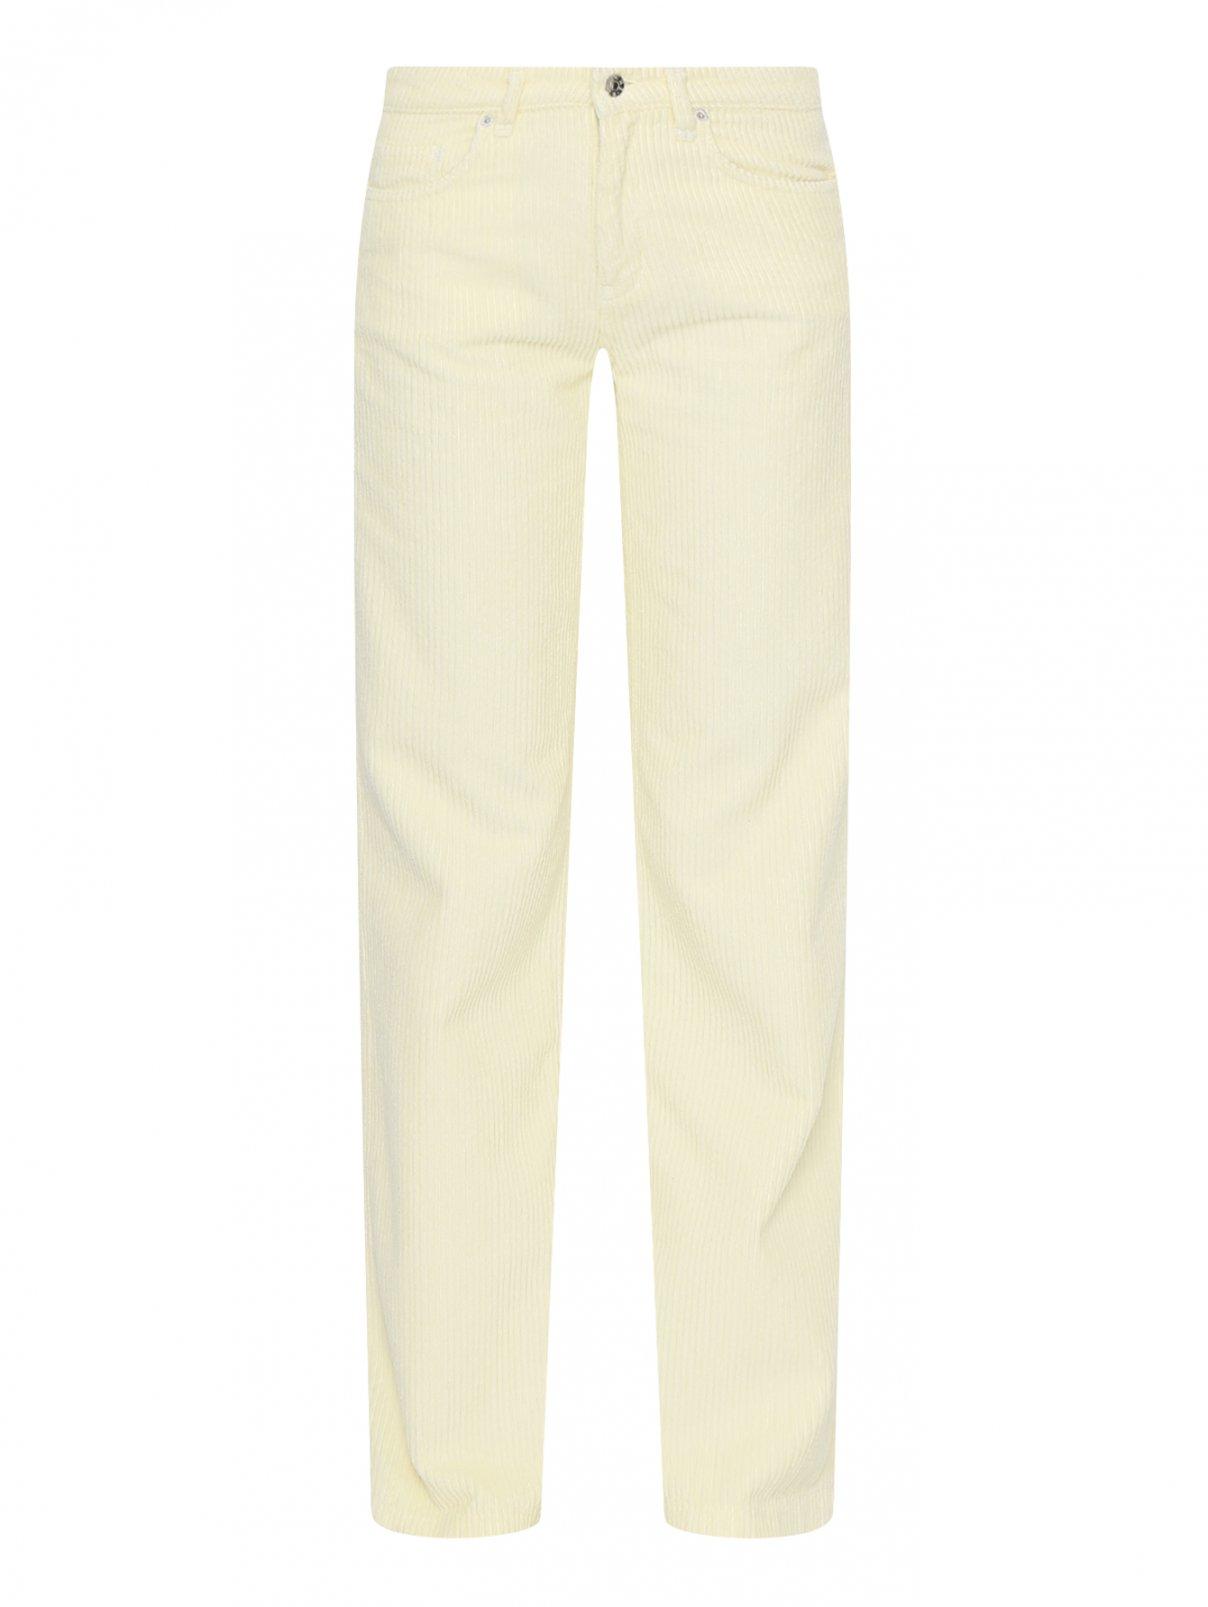 Вельветовые брюки широкого кроя Blanche  –  Общий вид  – Цвет:  Желтый